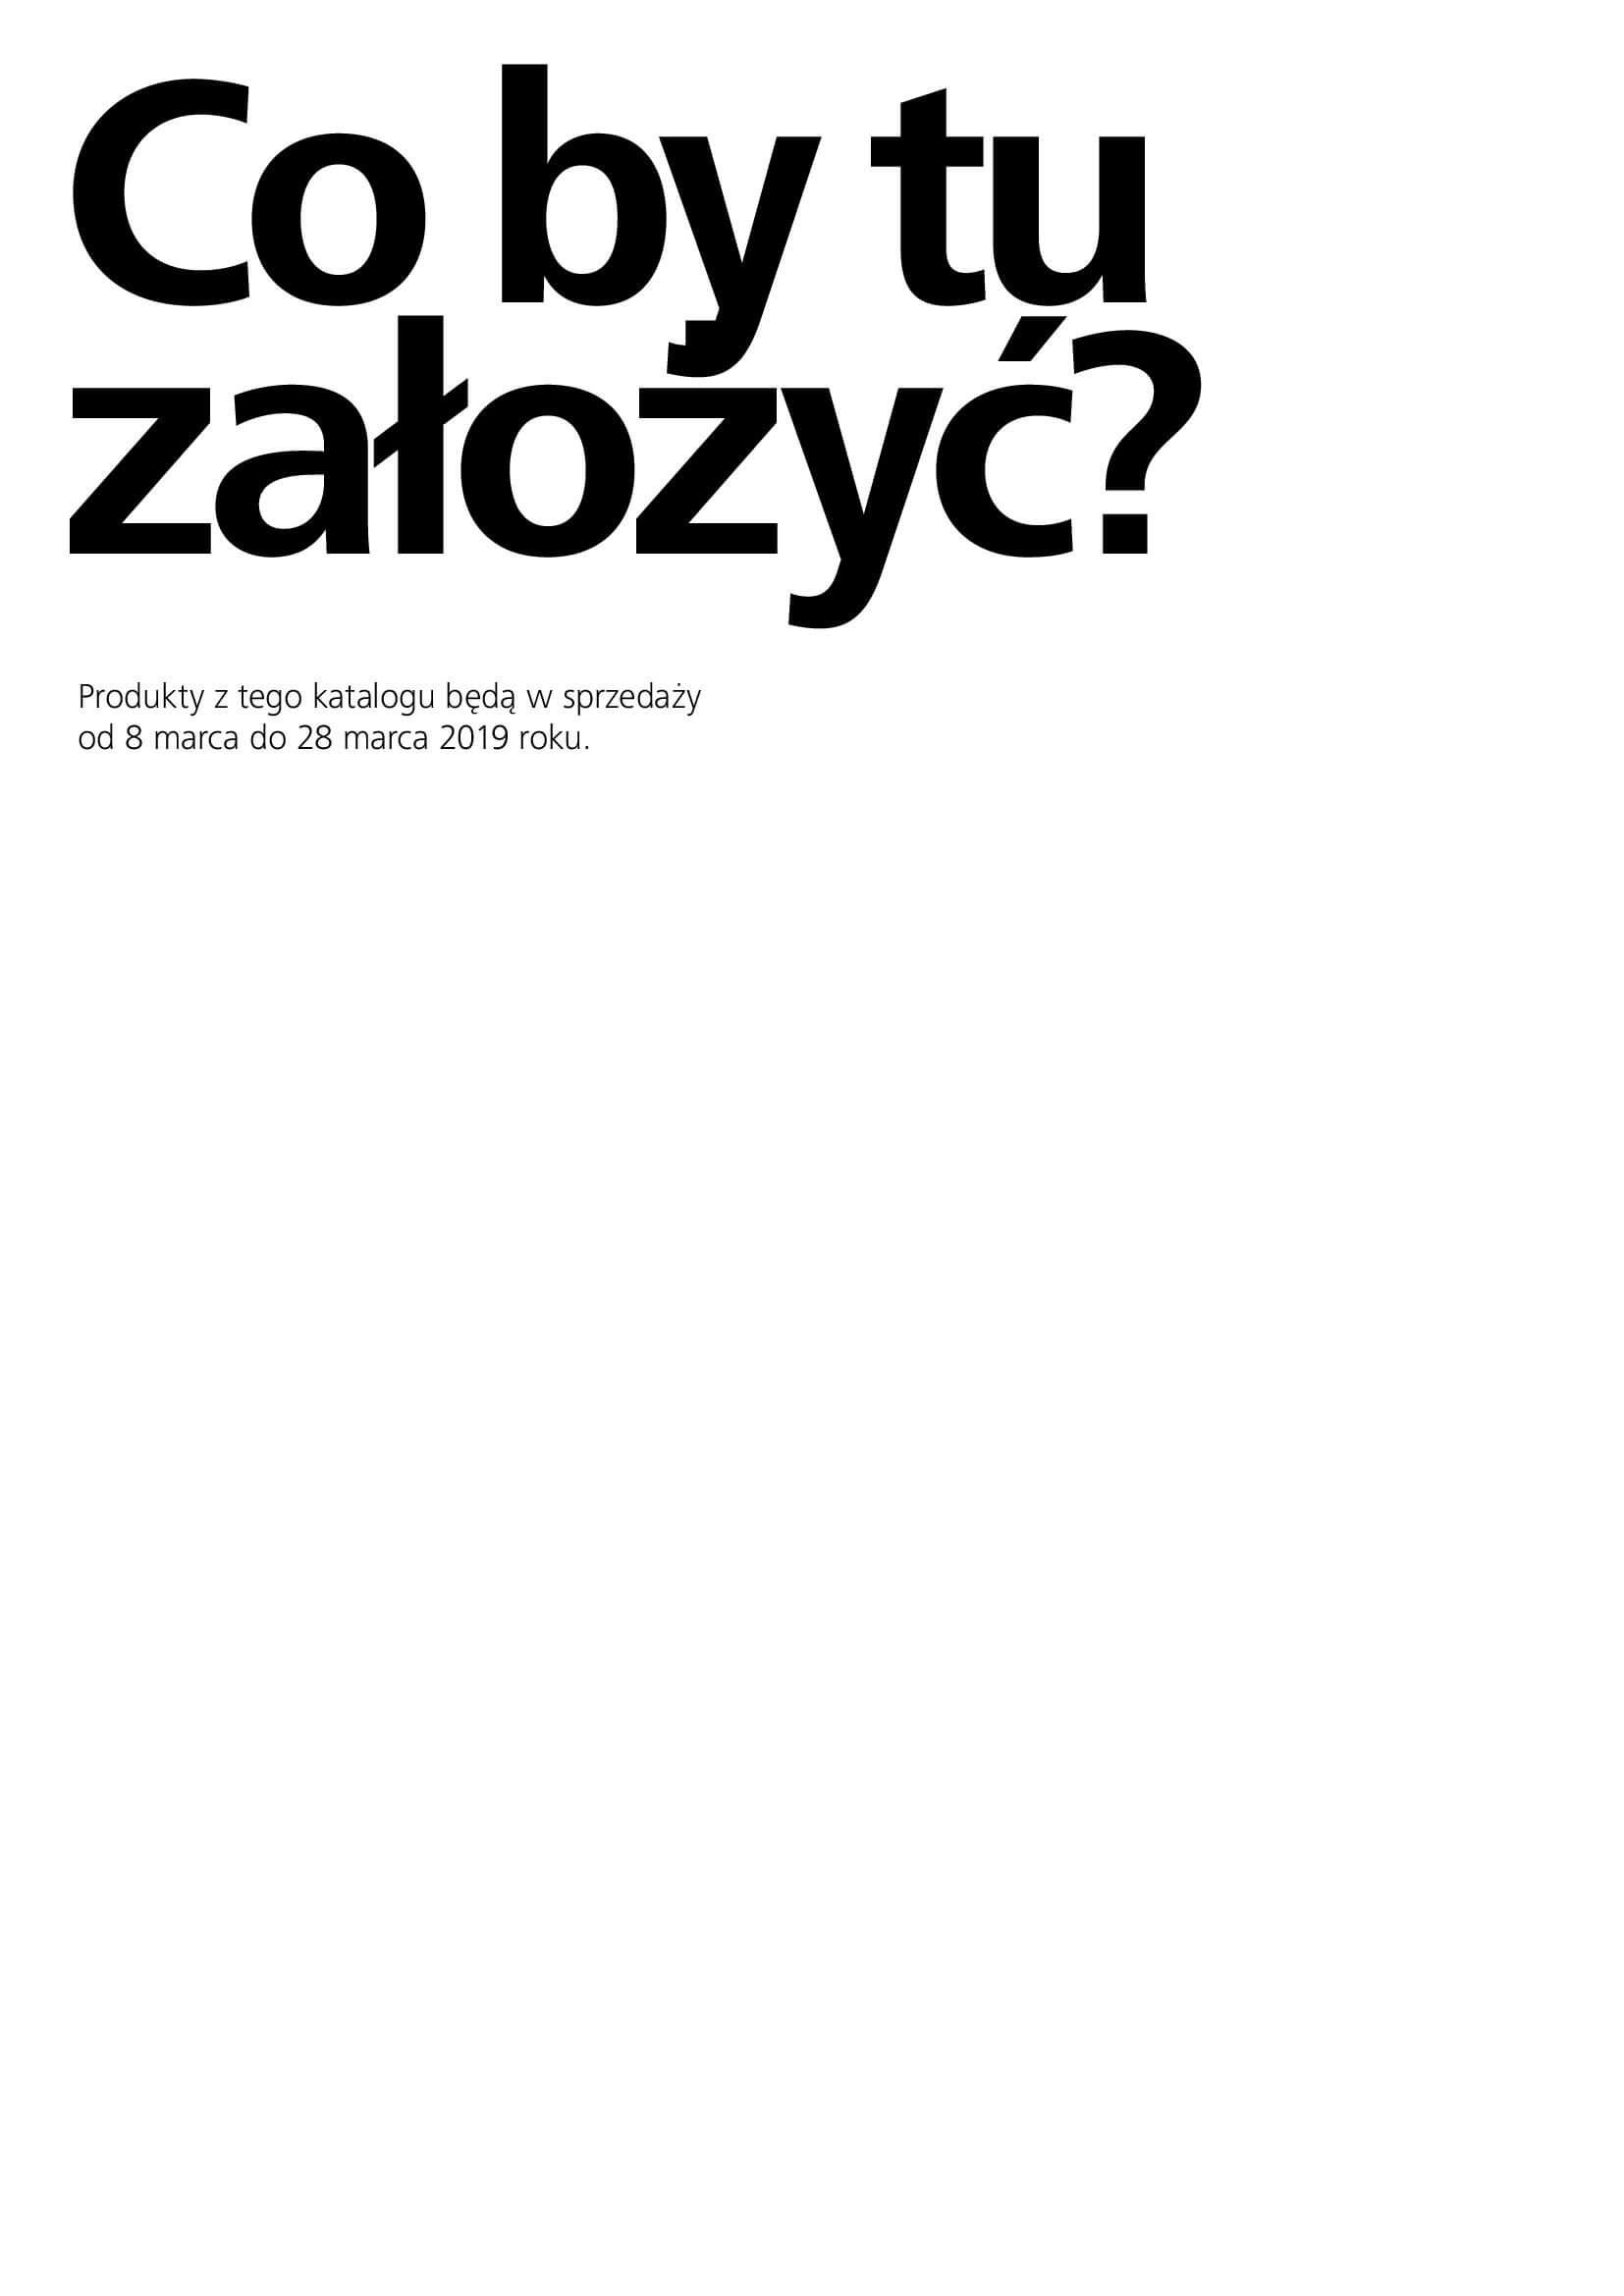 Gazetka Flying tiger - Rozkwitający marzec-27.02.2019-28.03.2019-page-